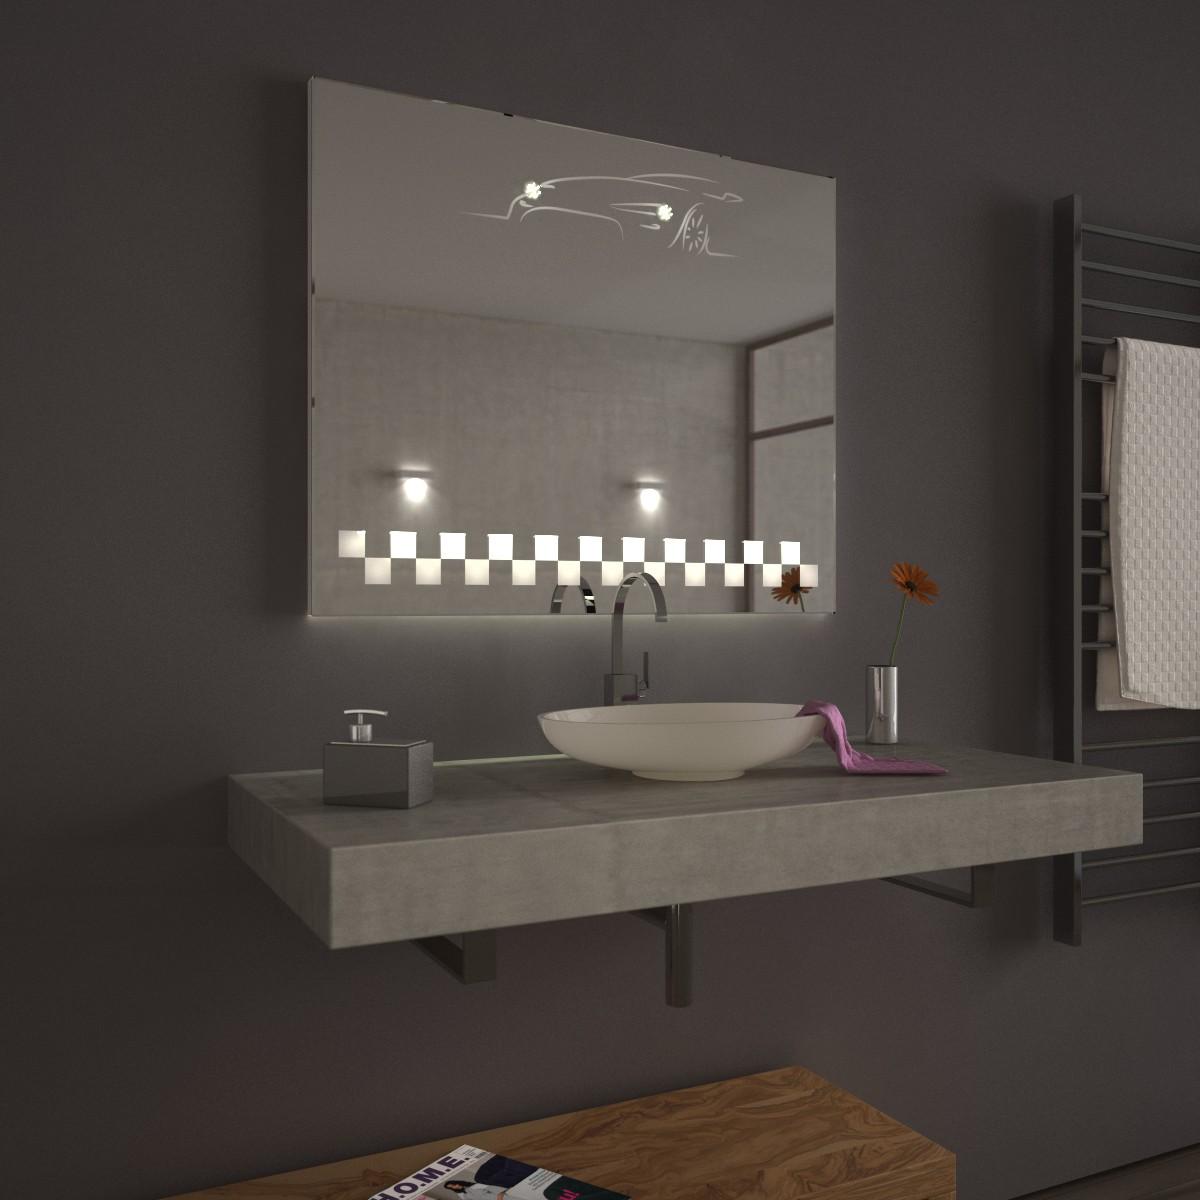 badspiegel mit led hockenheim oben und unten led 9000278. Black Bedroom Furniture Sets. Home Design Ideas